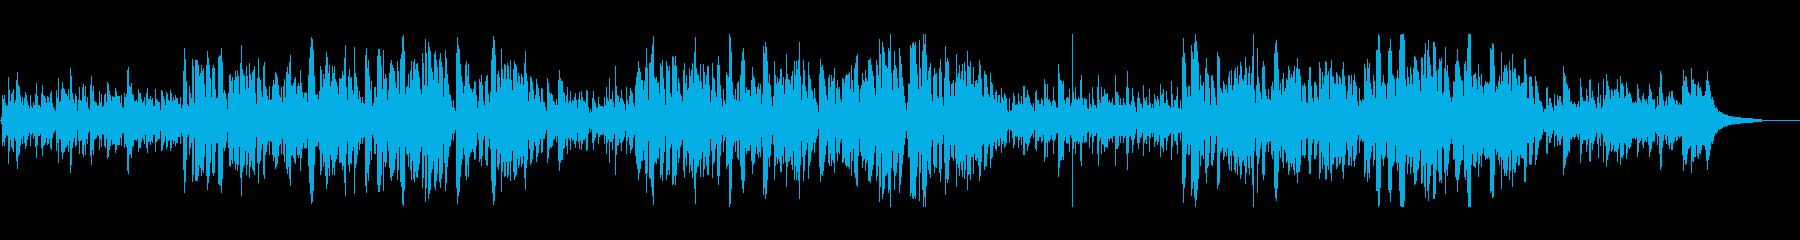 リラックスできるジャズ風クリスマスソングの再生済みの波形